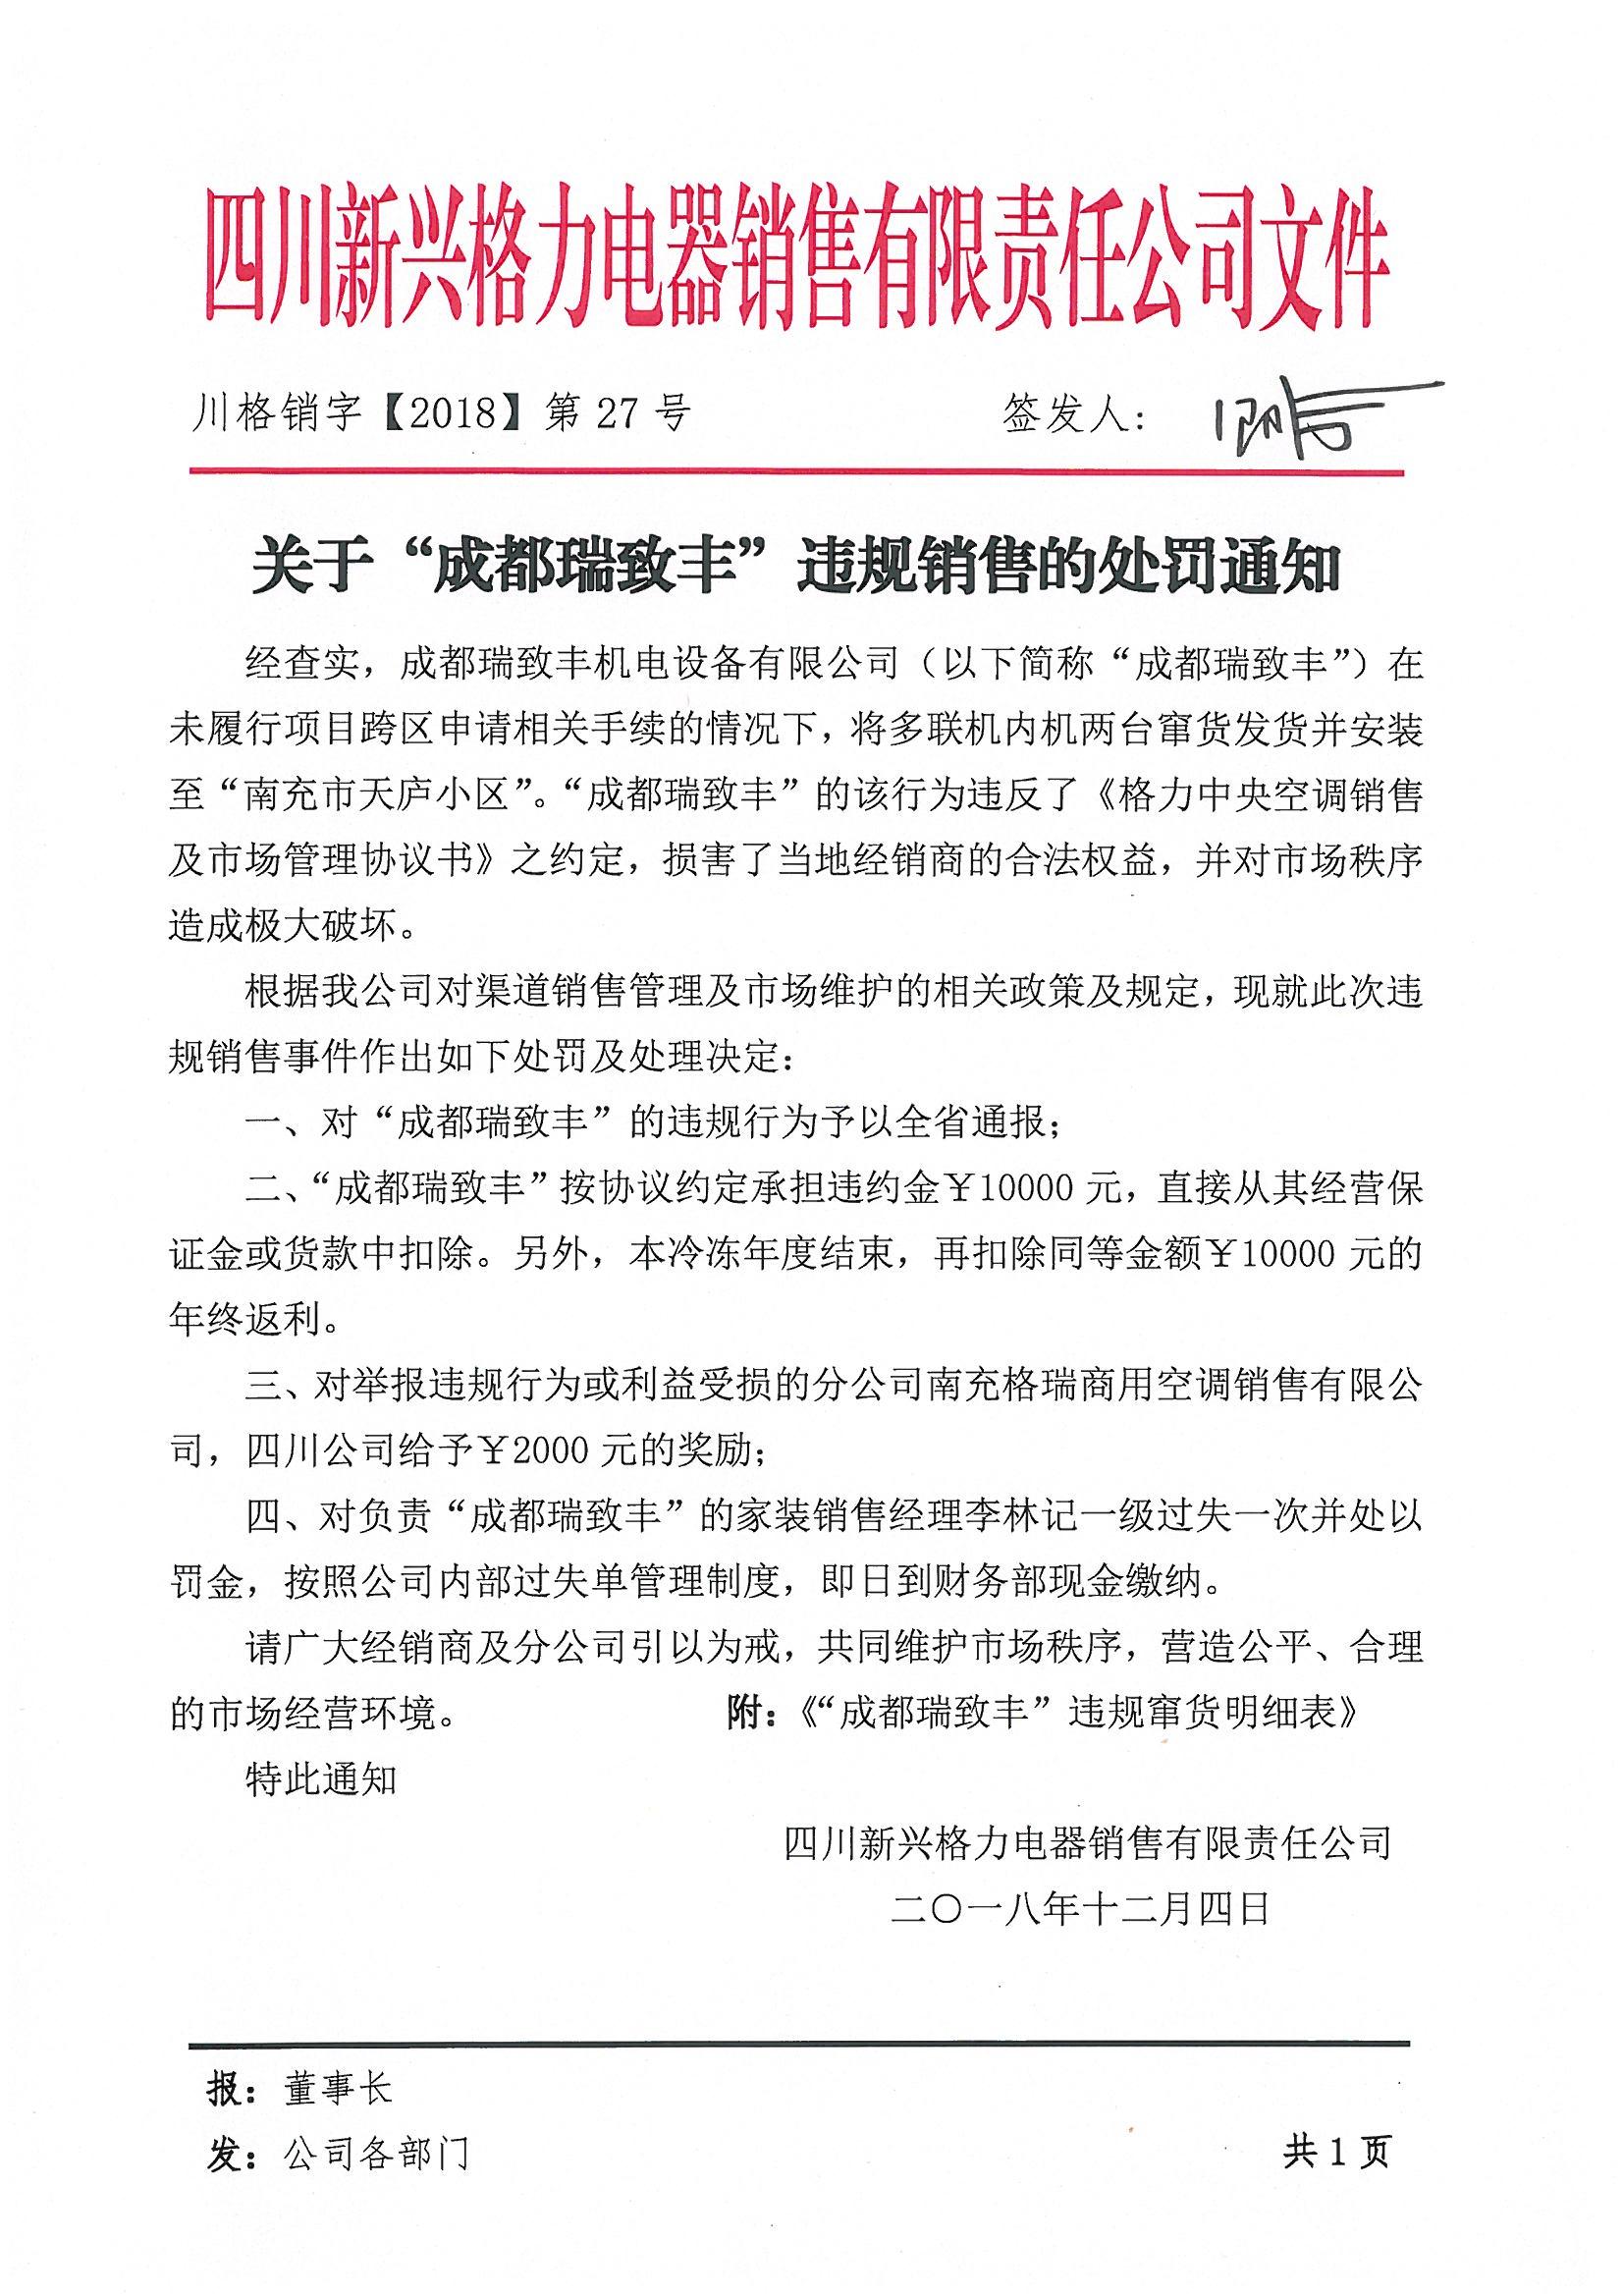 成都瑞致丰机电设备有限公司:处罚违约金1万